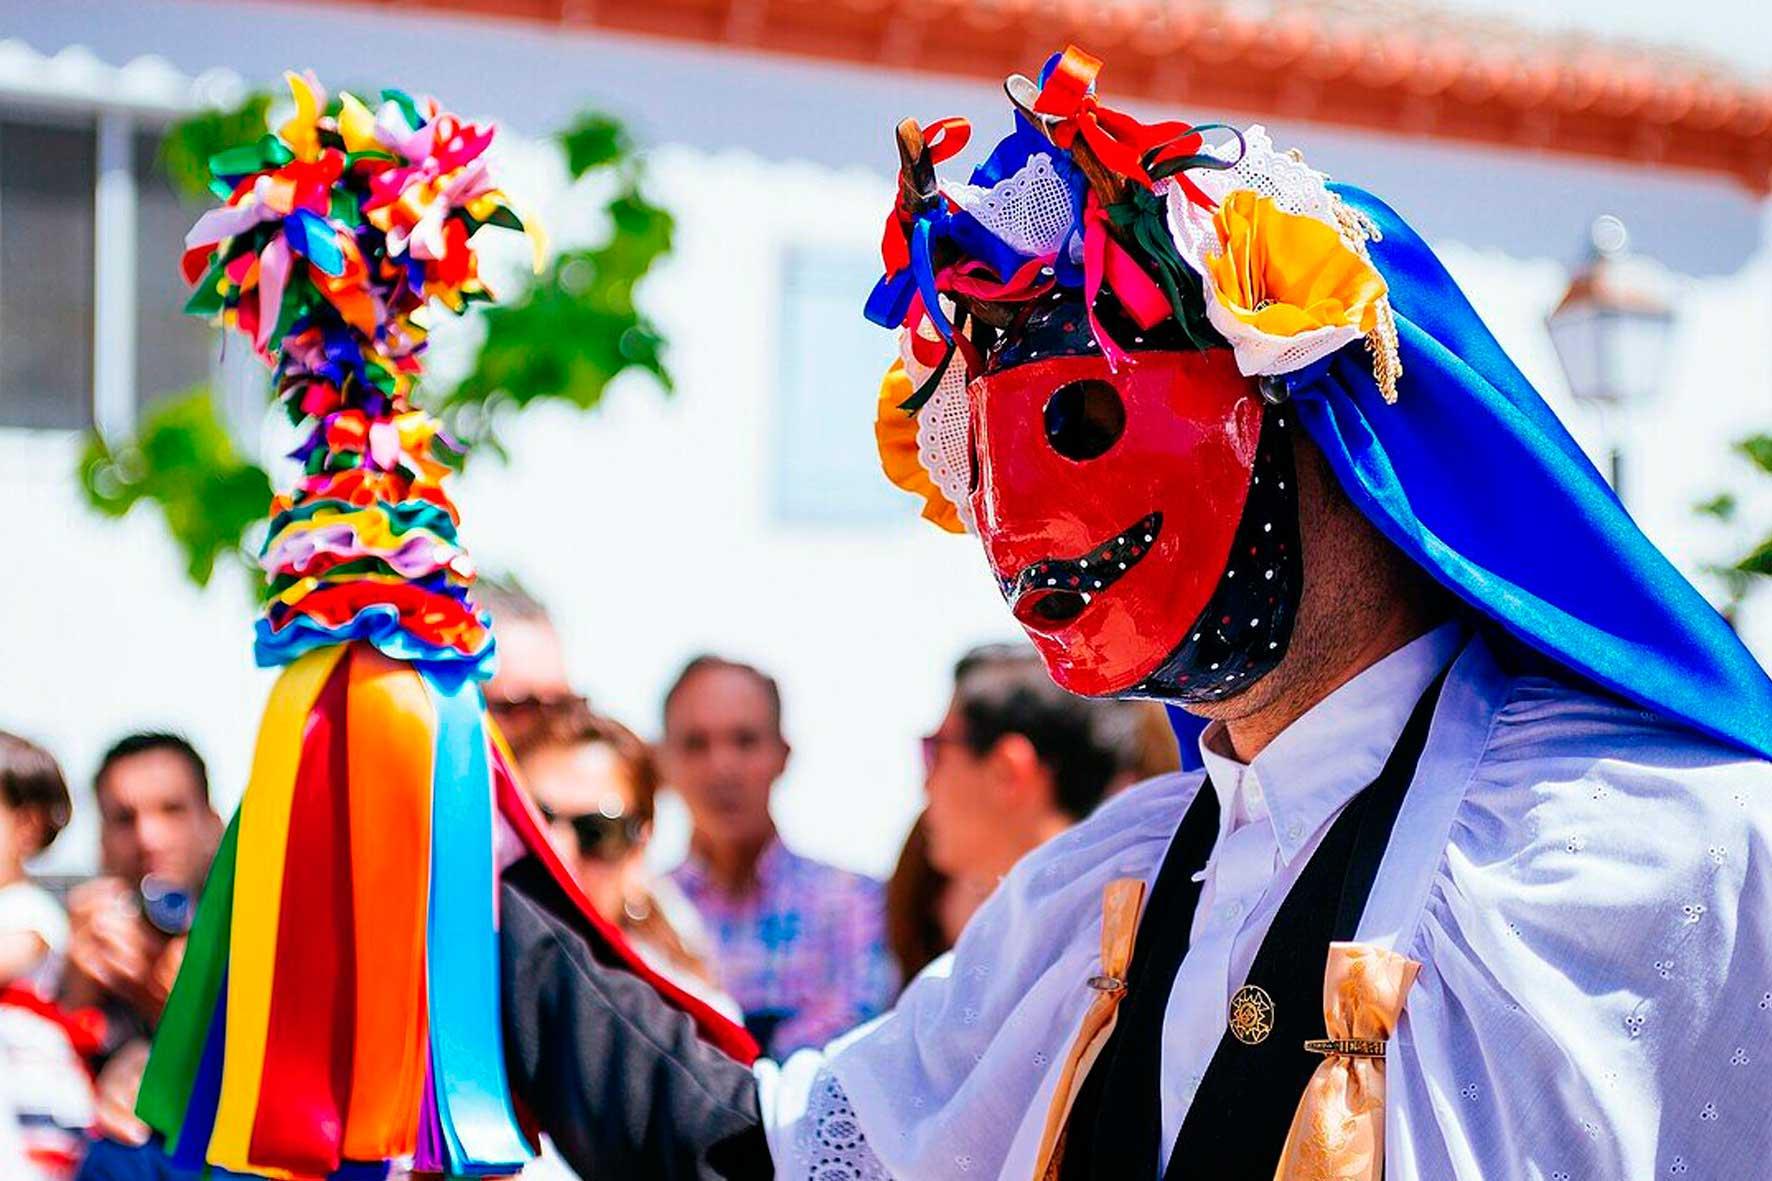 Conocer el patrimonio cultural | Fiestas de interés turístico